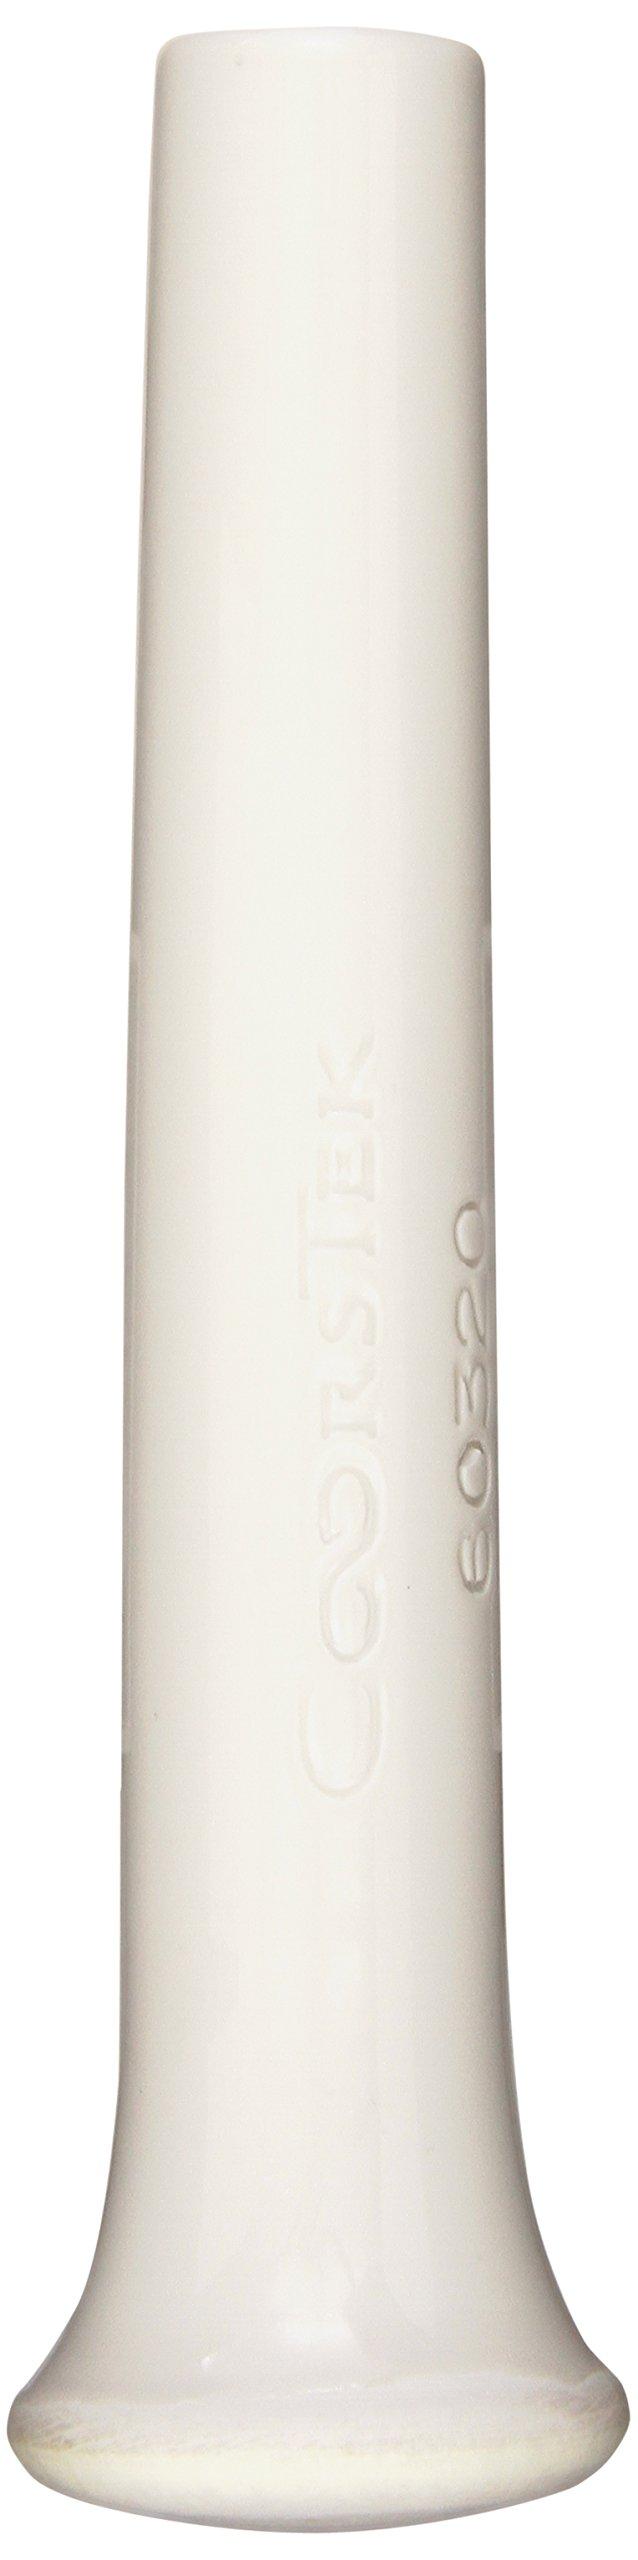 CoorsTek 60320 Porcelain Ceramic Chemical and Heat Resistant Pestle for 60319 Porcelain Mortar, 180mm Length